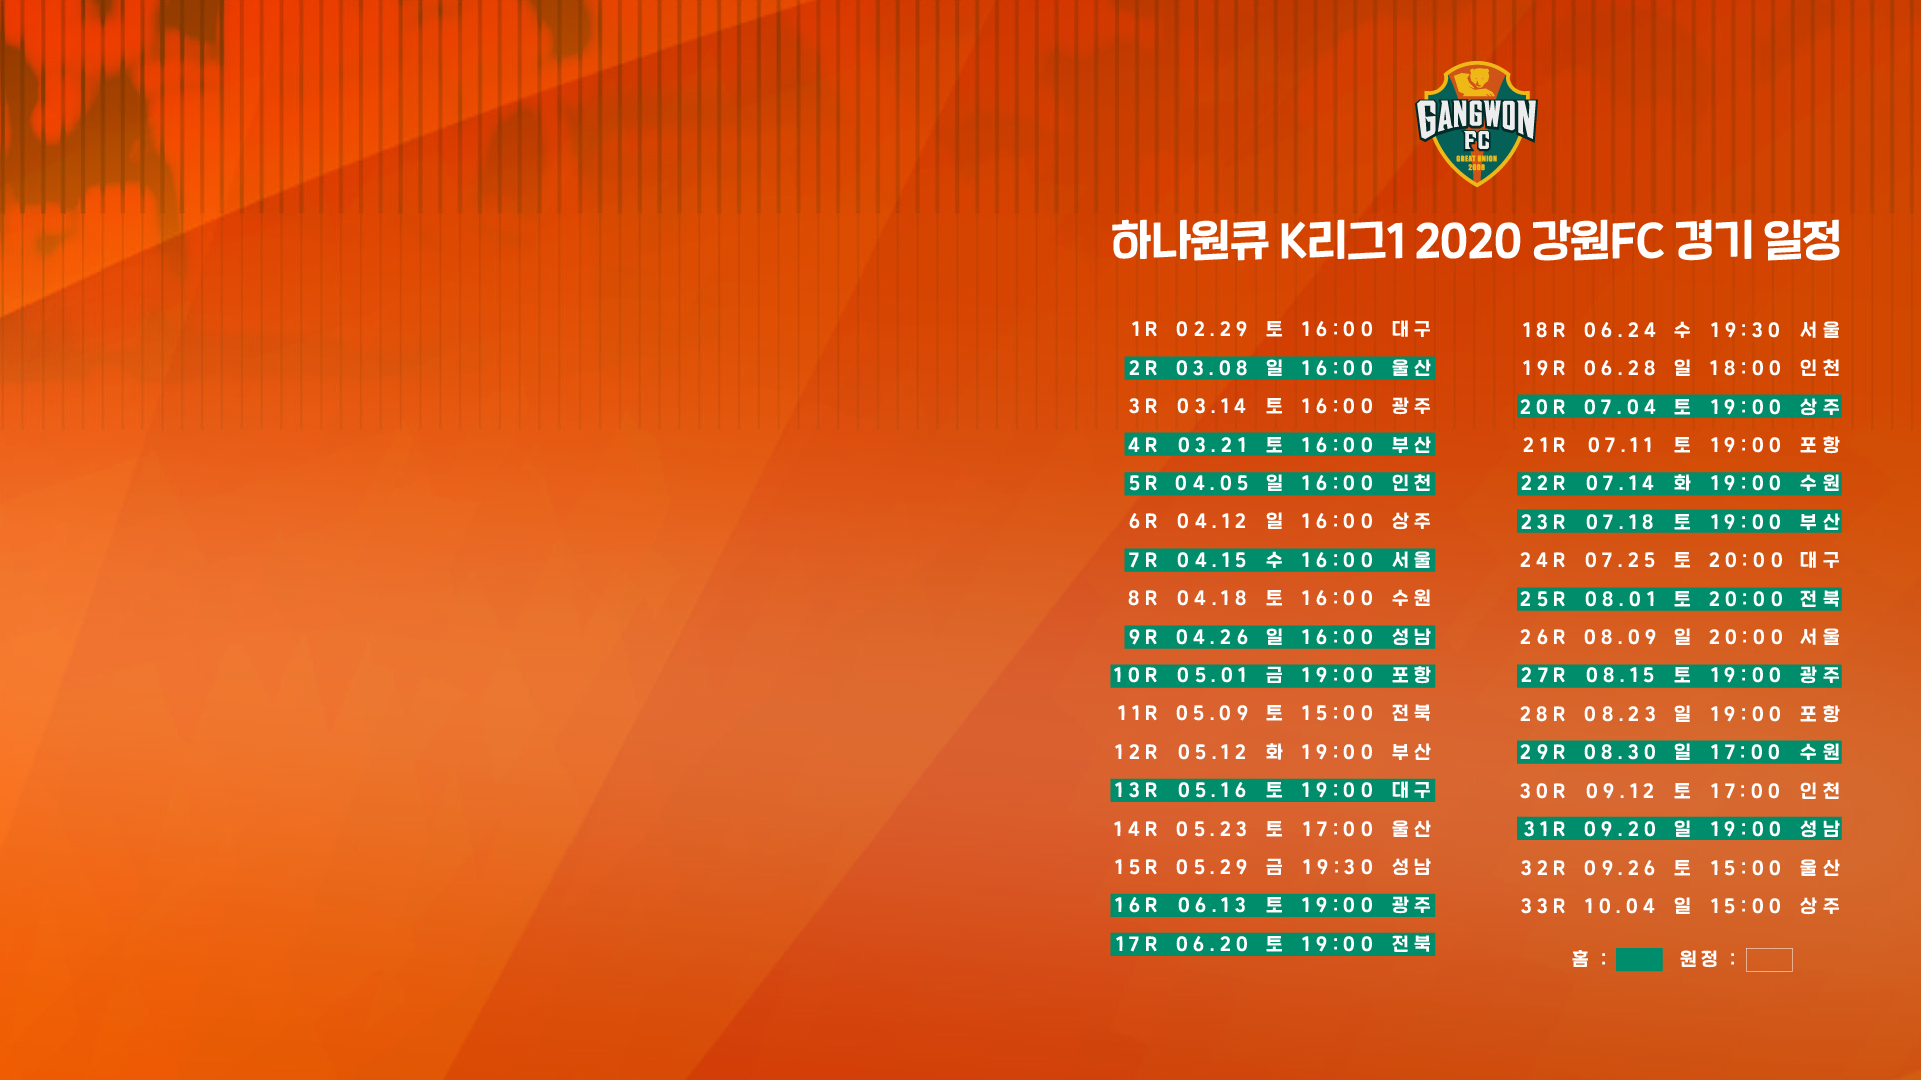 2020 시즌 강원FC 일정 배경화면 ver.